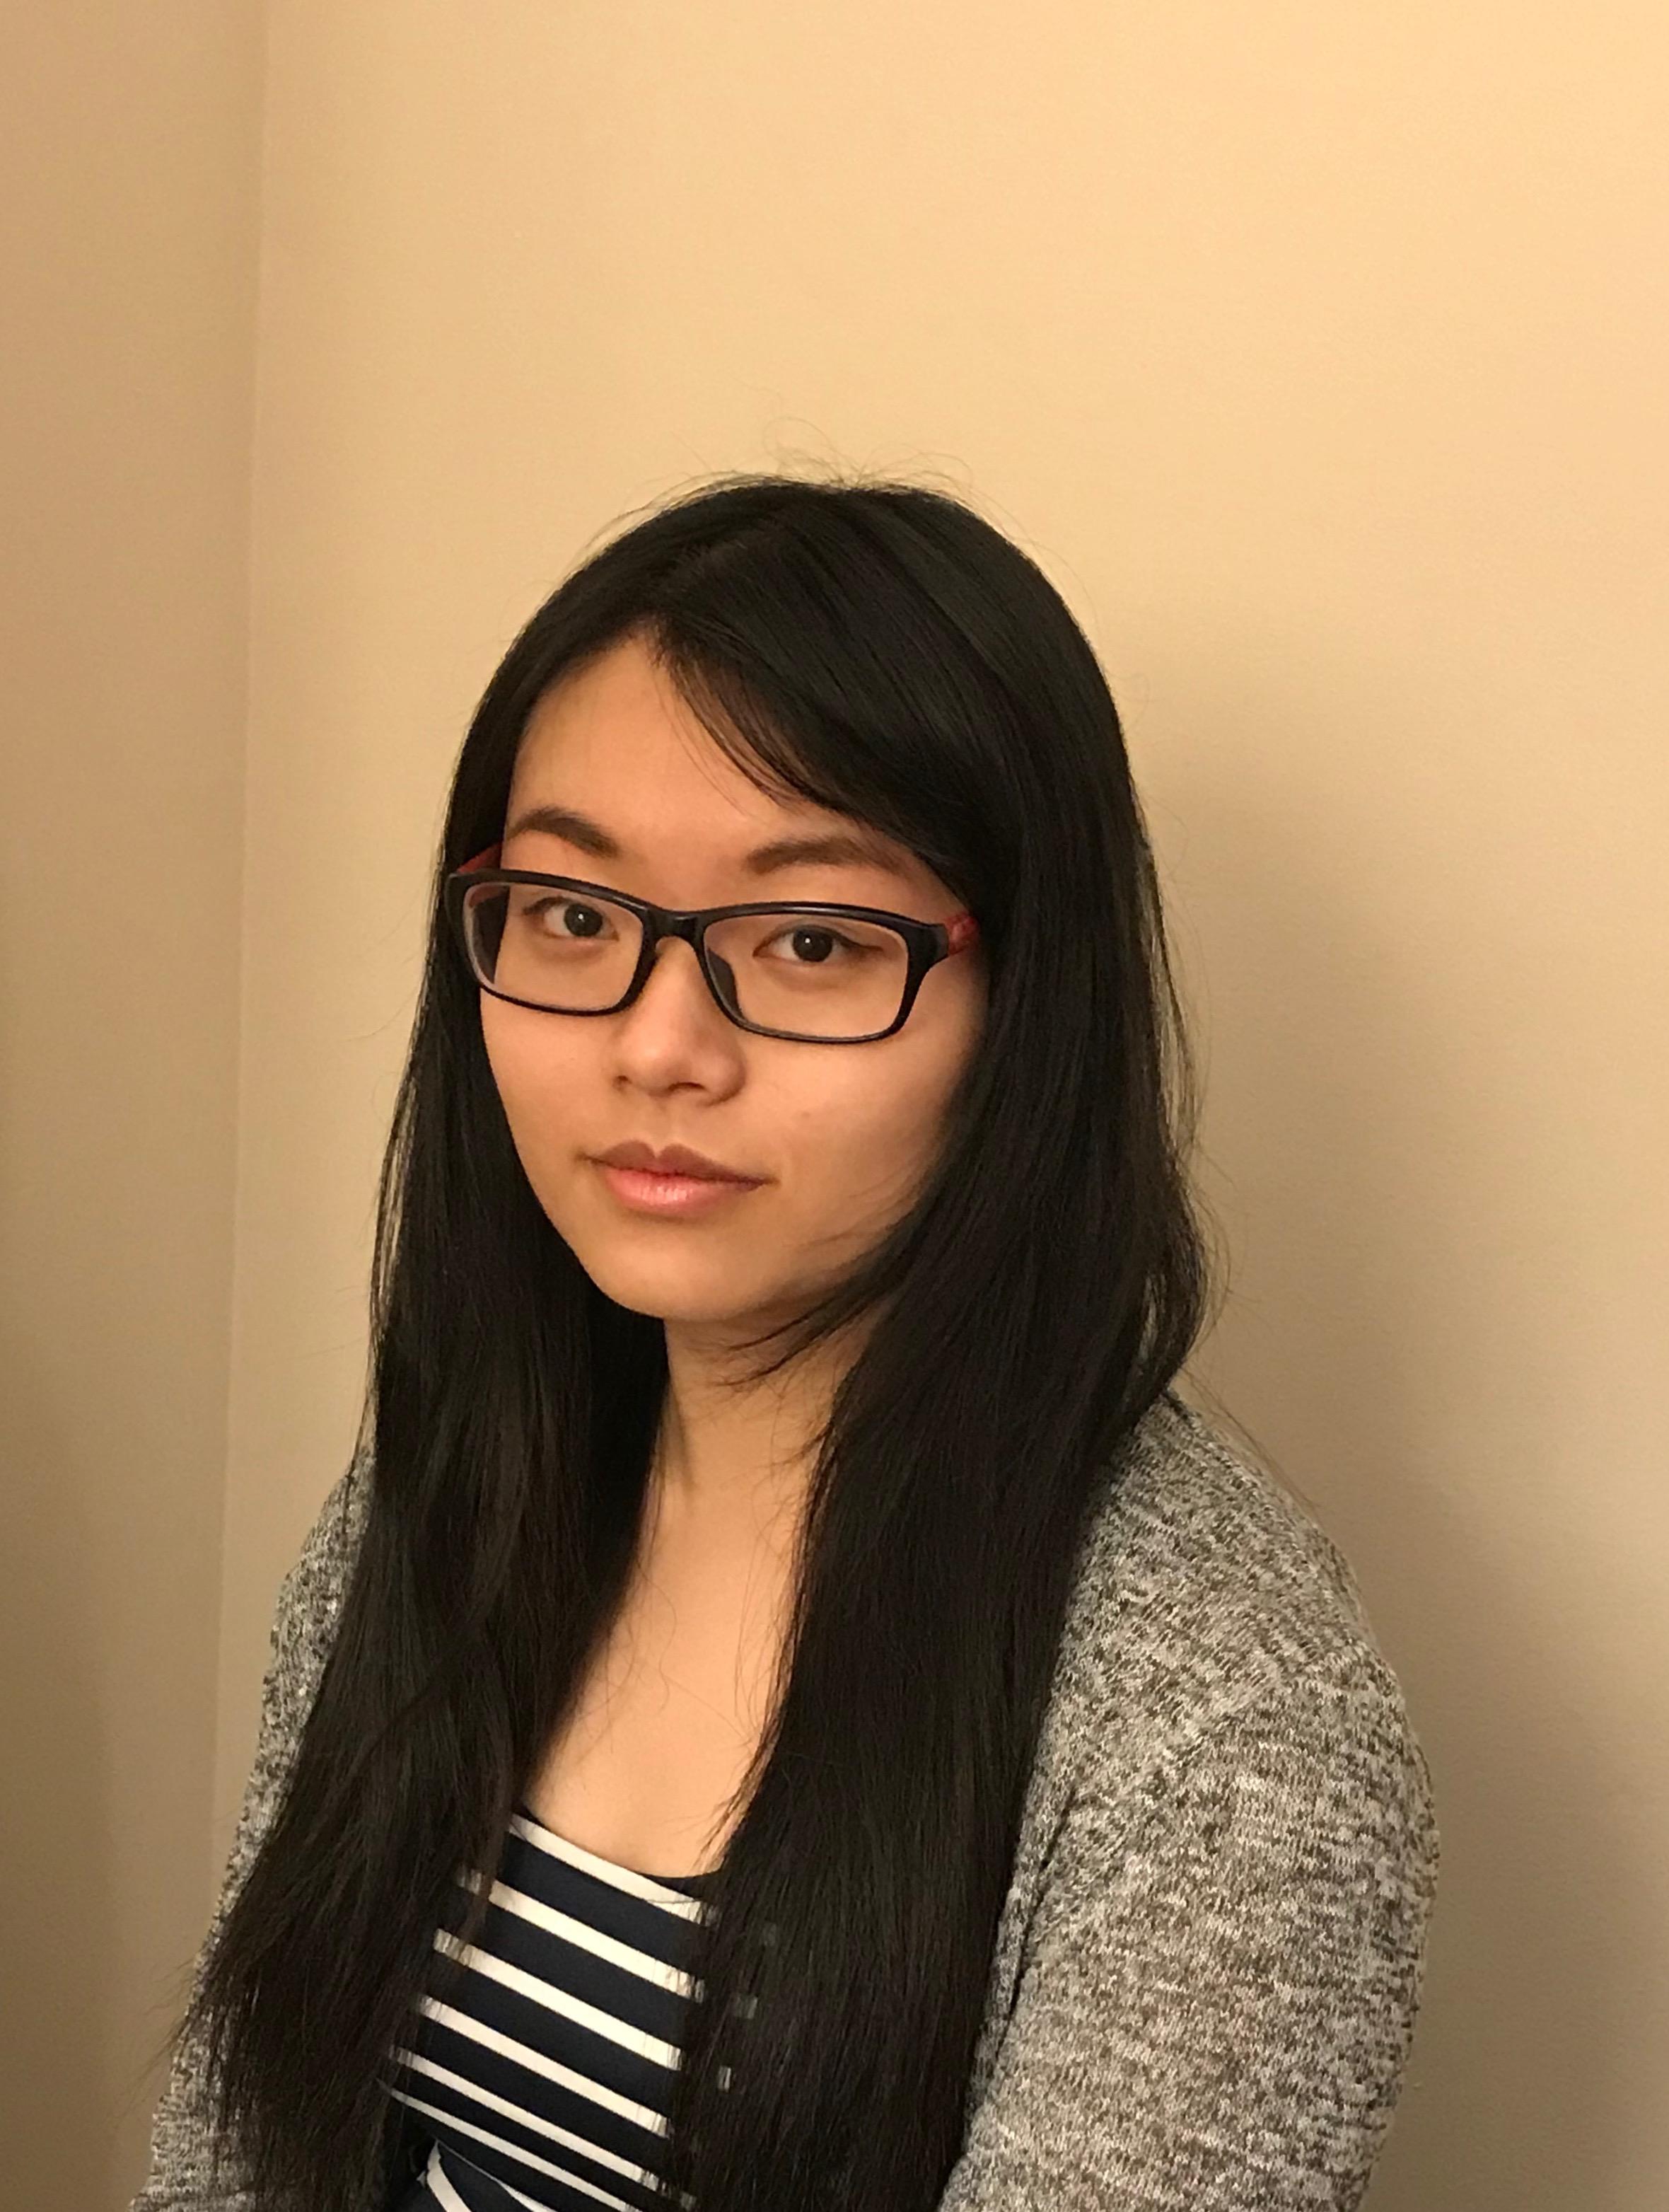 Angela Tsai